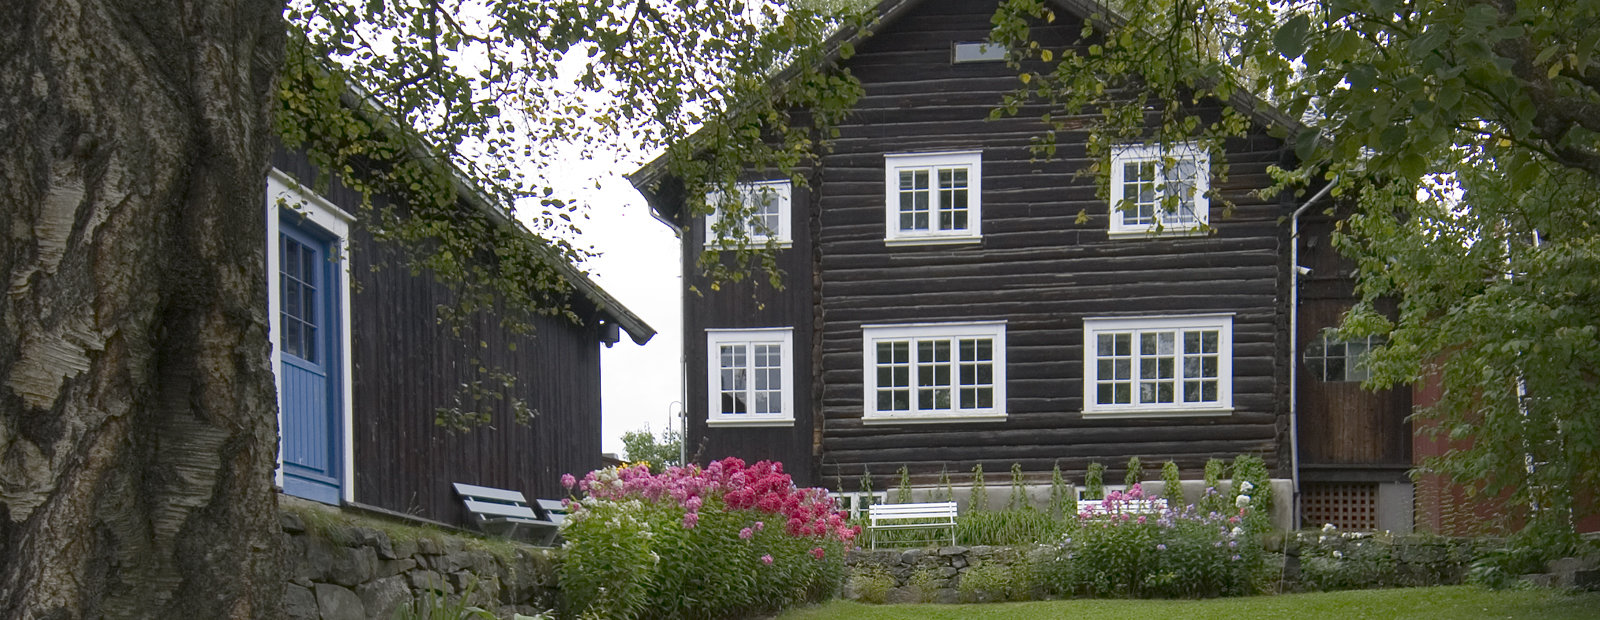 To brune tømmerhus med fargerike blomster i forgrunnen.